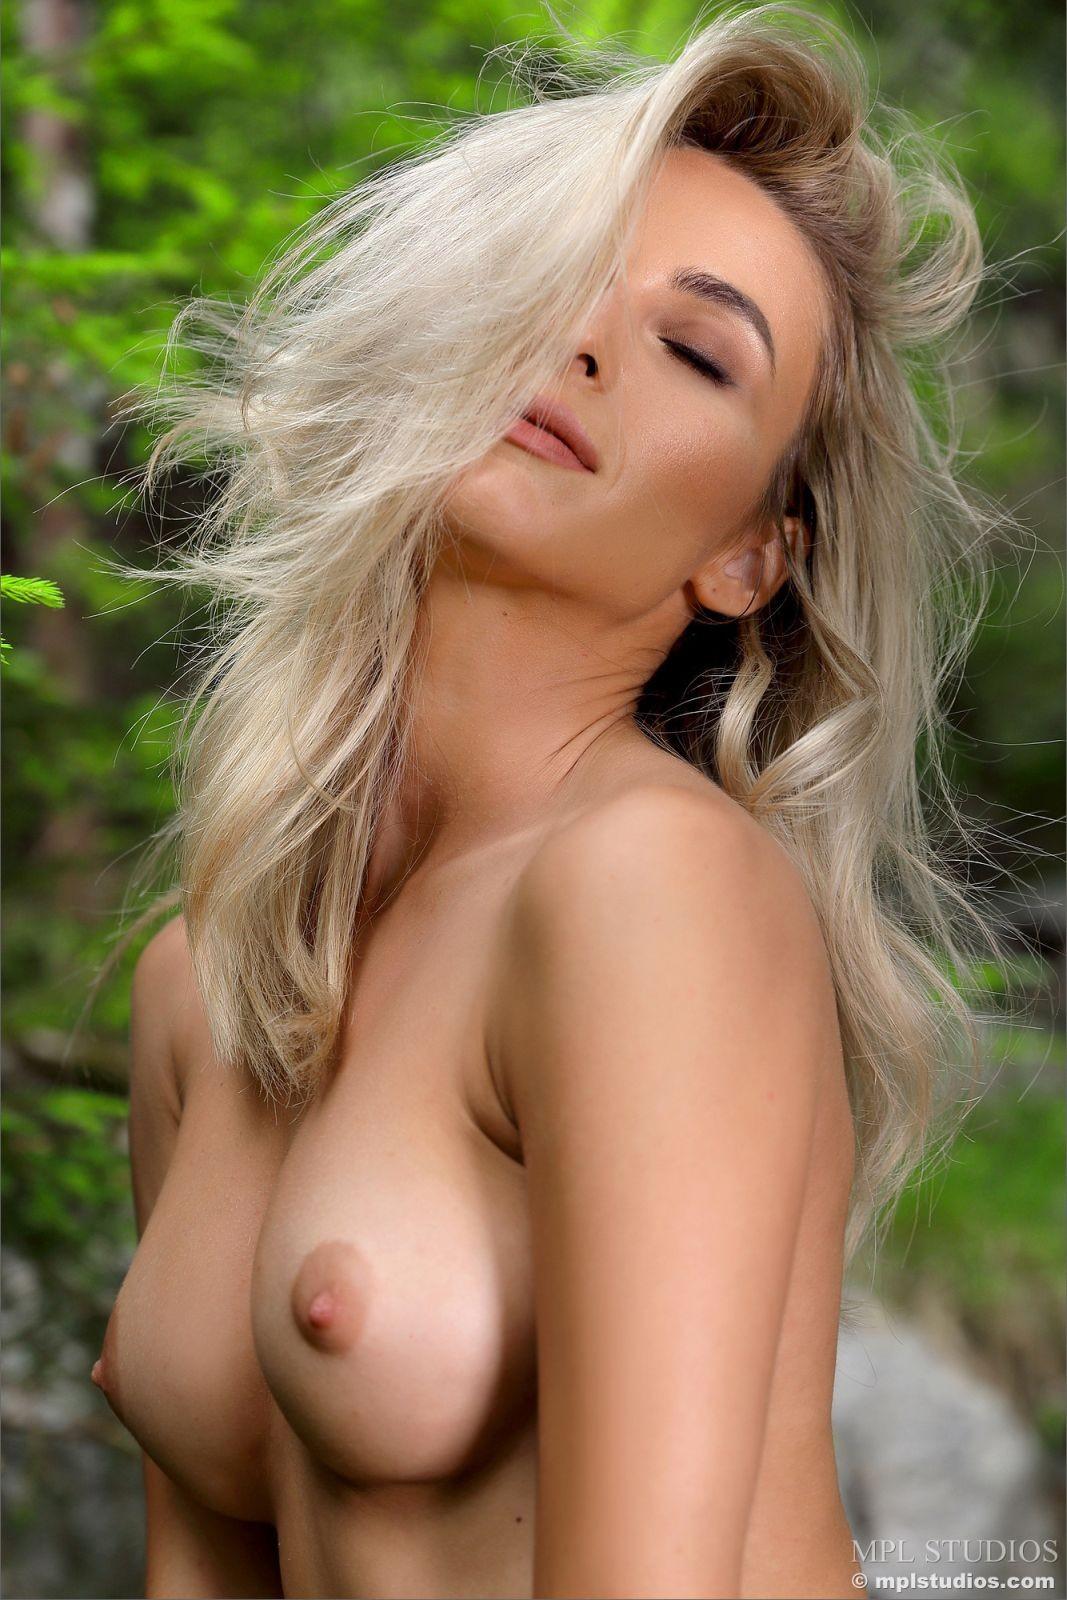 Лесная нимфа с красивой грудью - фото